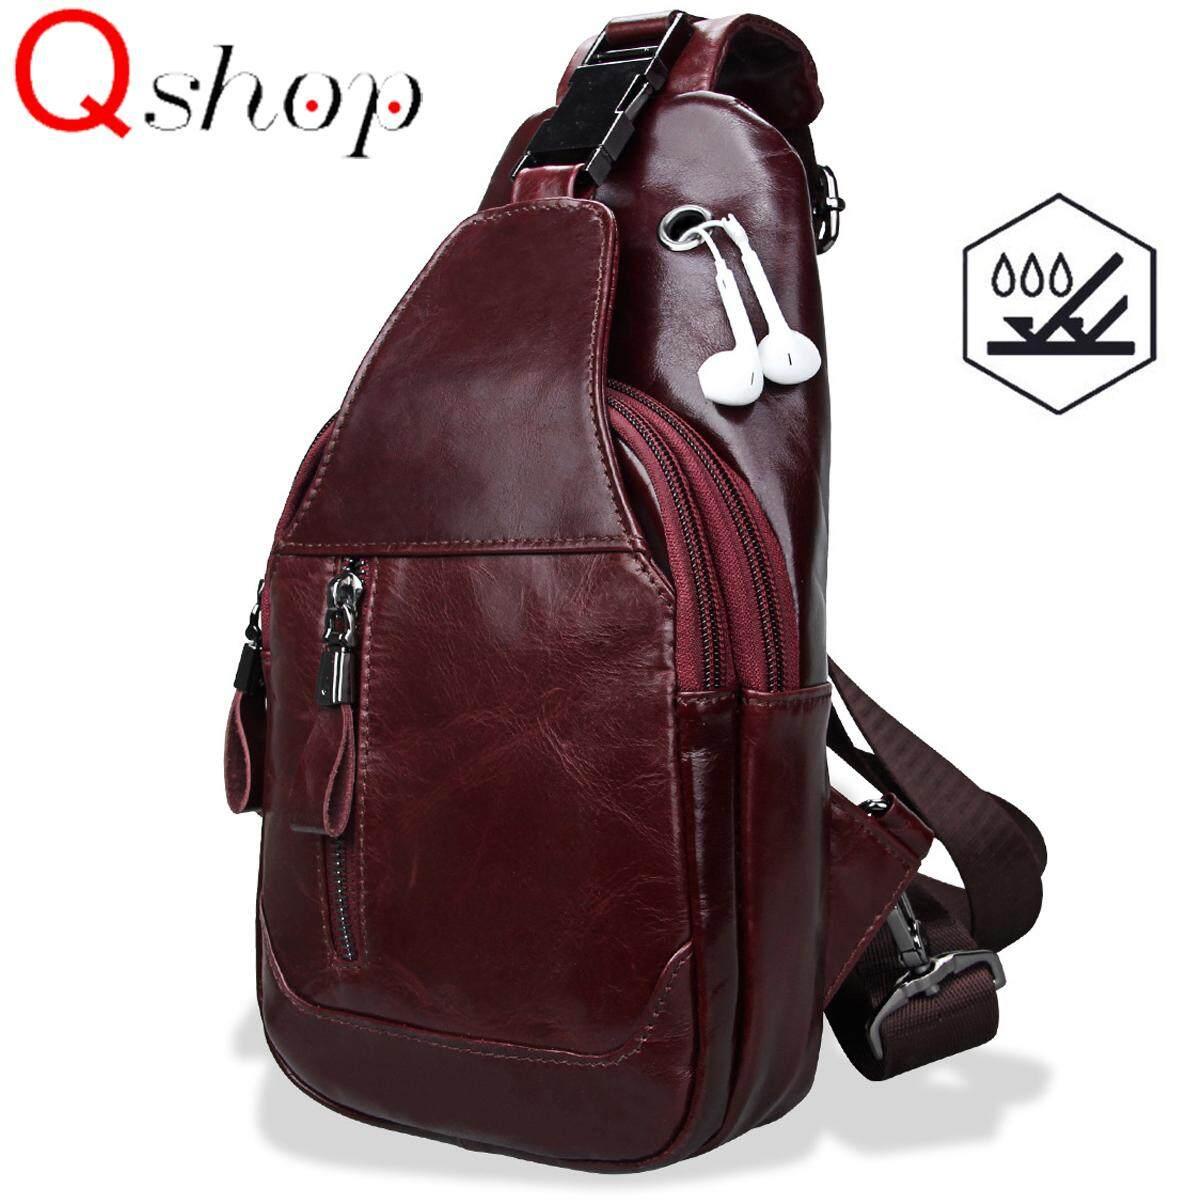 78d1def8dd16 ✅ Water Resistant Q-shop Men s Sling Bag Genuine Leather Chest Shoulder  Backpack